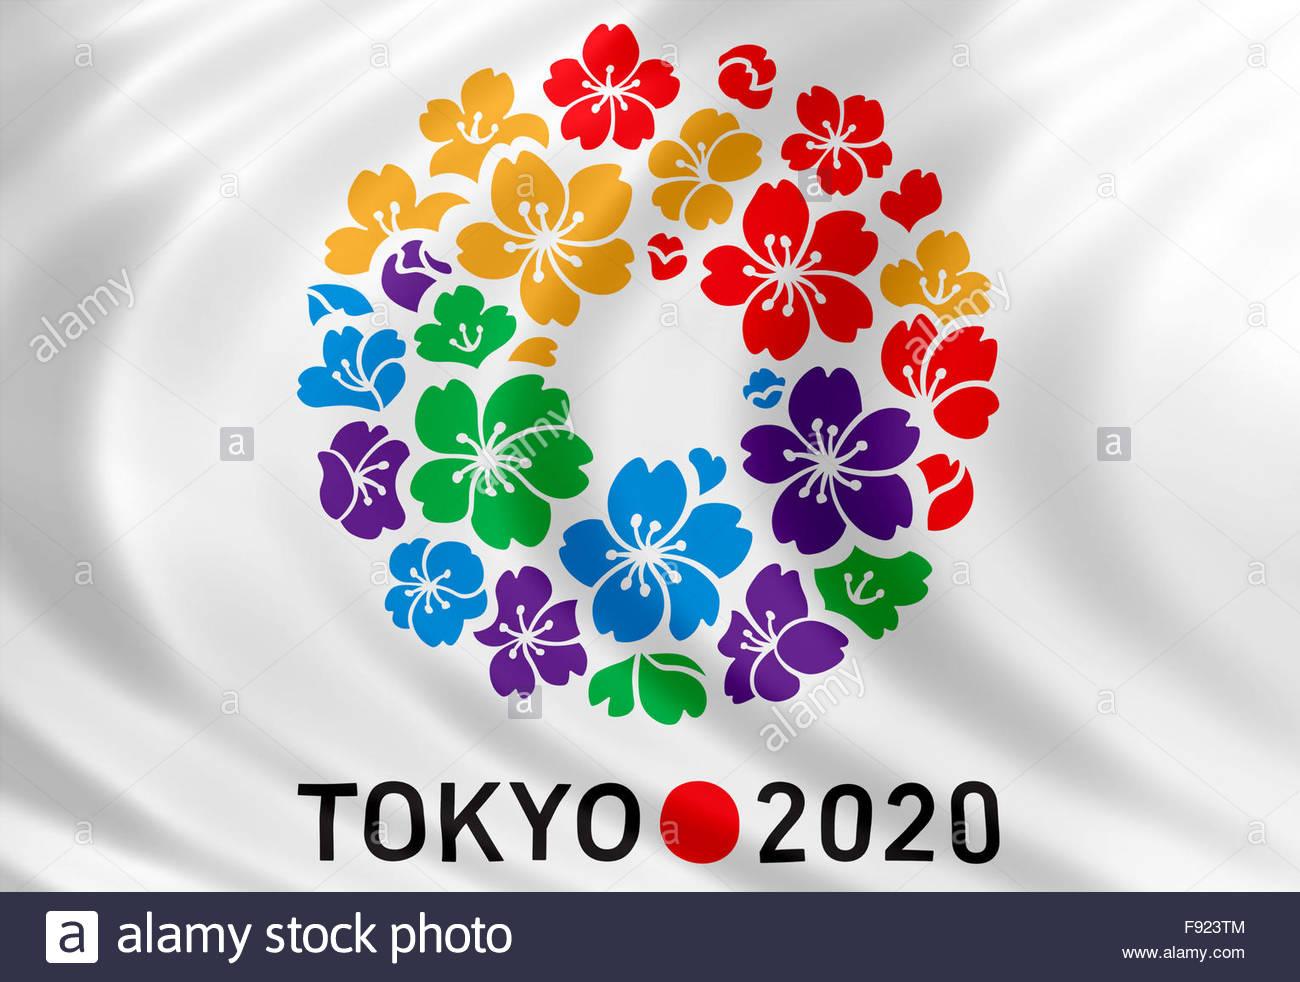 Los Juegos Olimpicos De Tokio 2020 Logotipo Icono Distintivo Foto